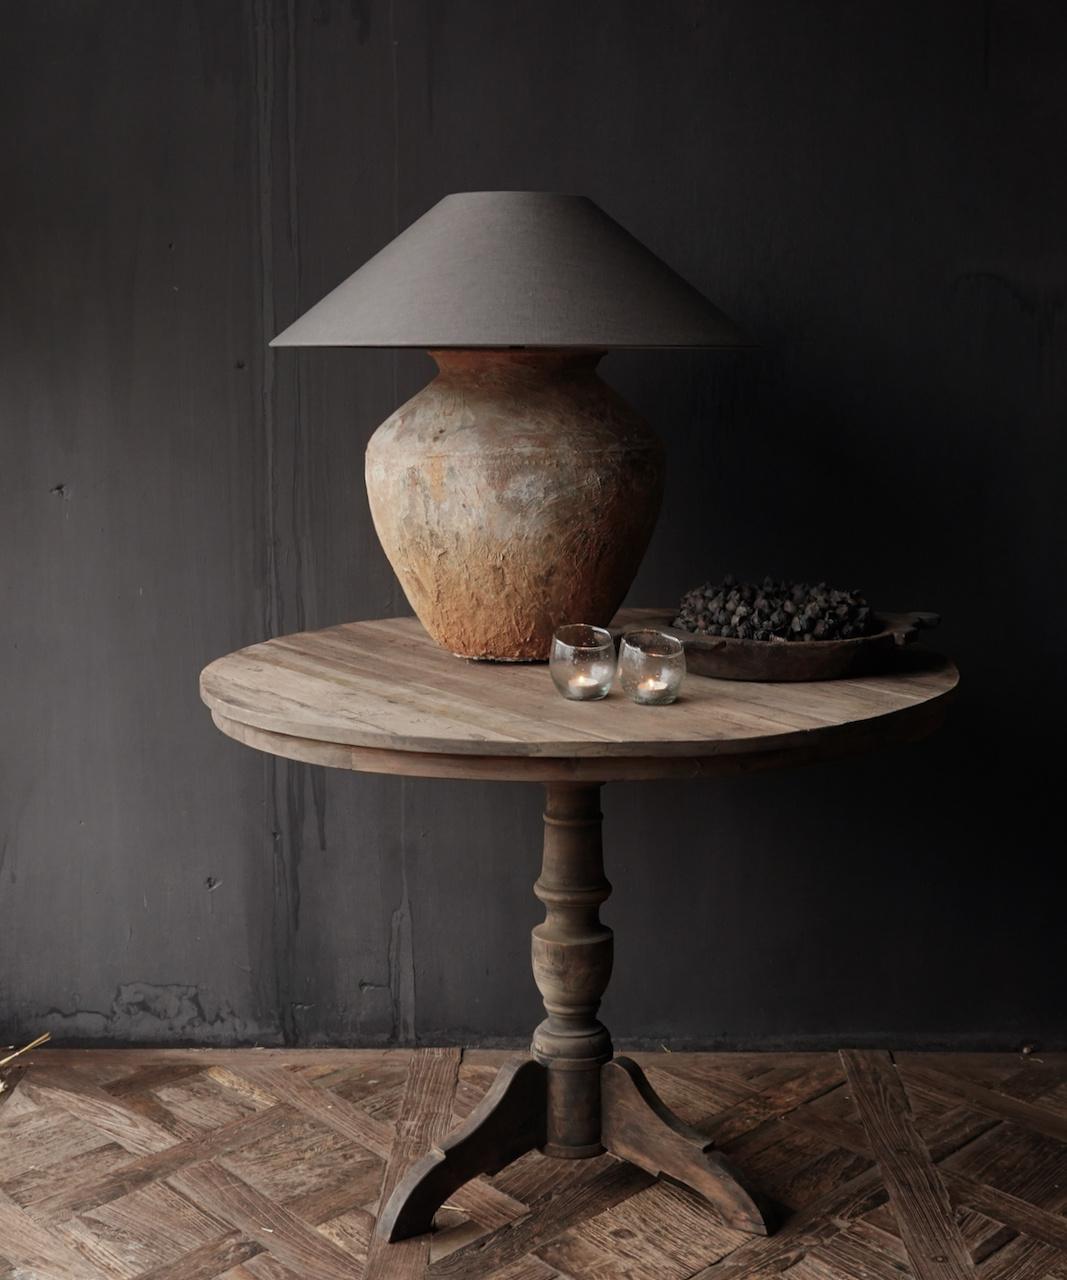 Cooler runder Tisch aus altem gebrauchtem Holz - Kopie-1